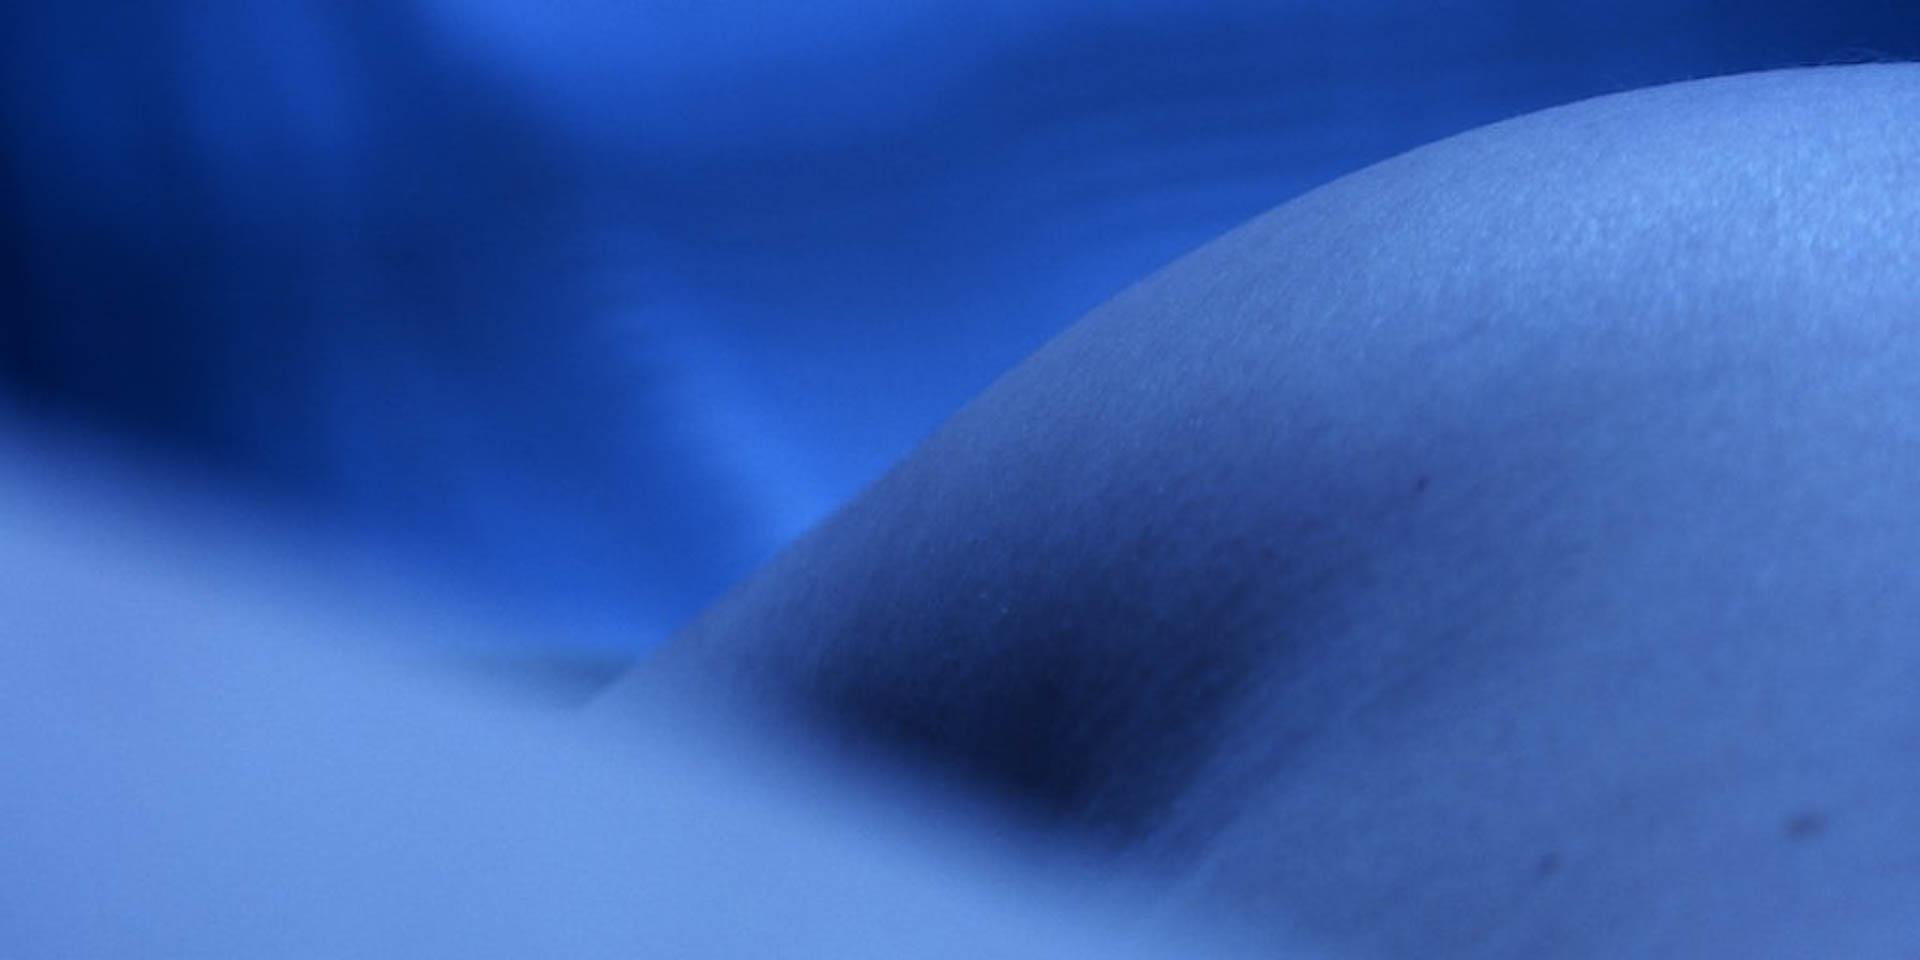 bodyscape1-2.jpg